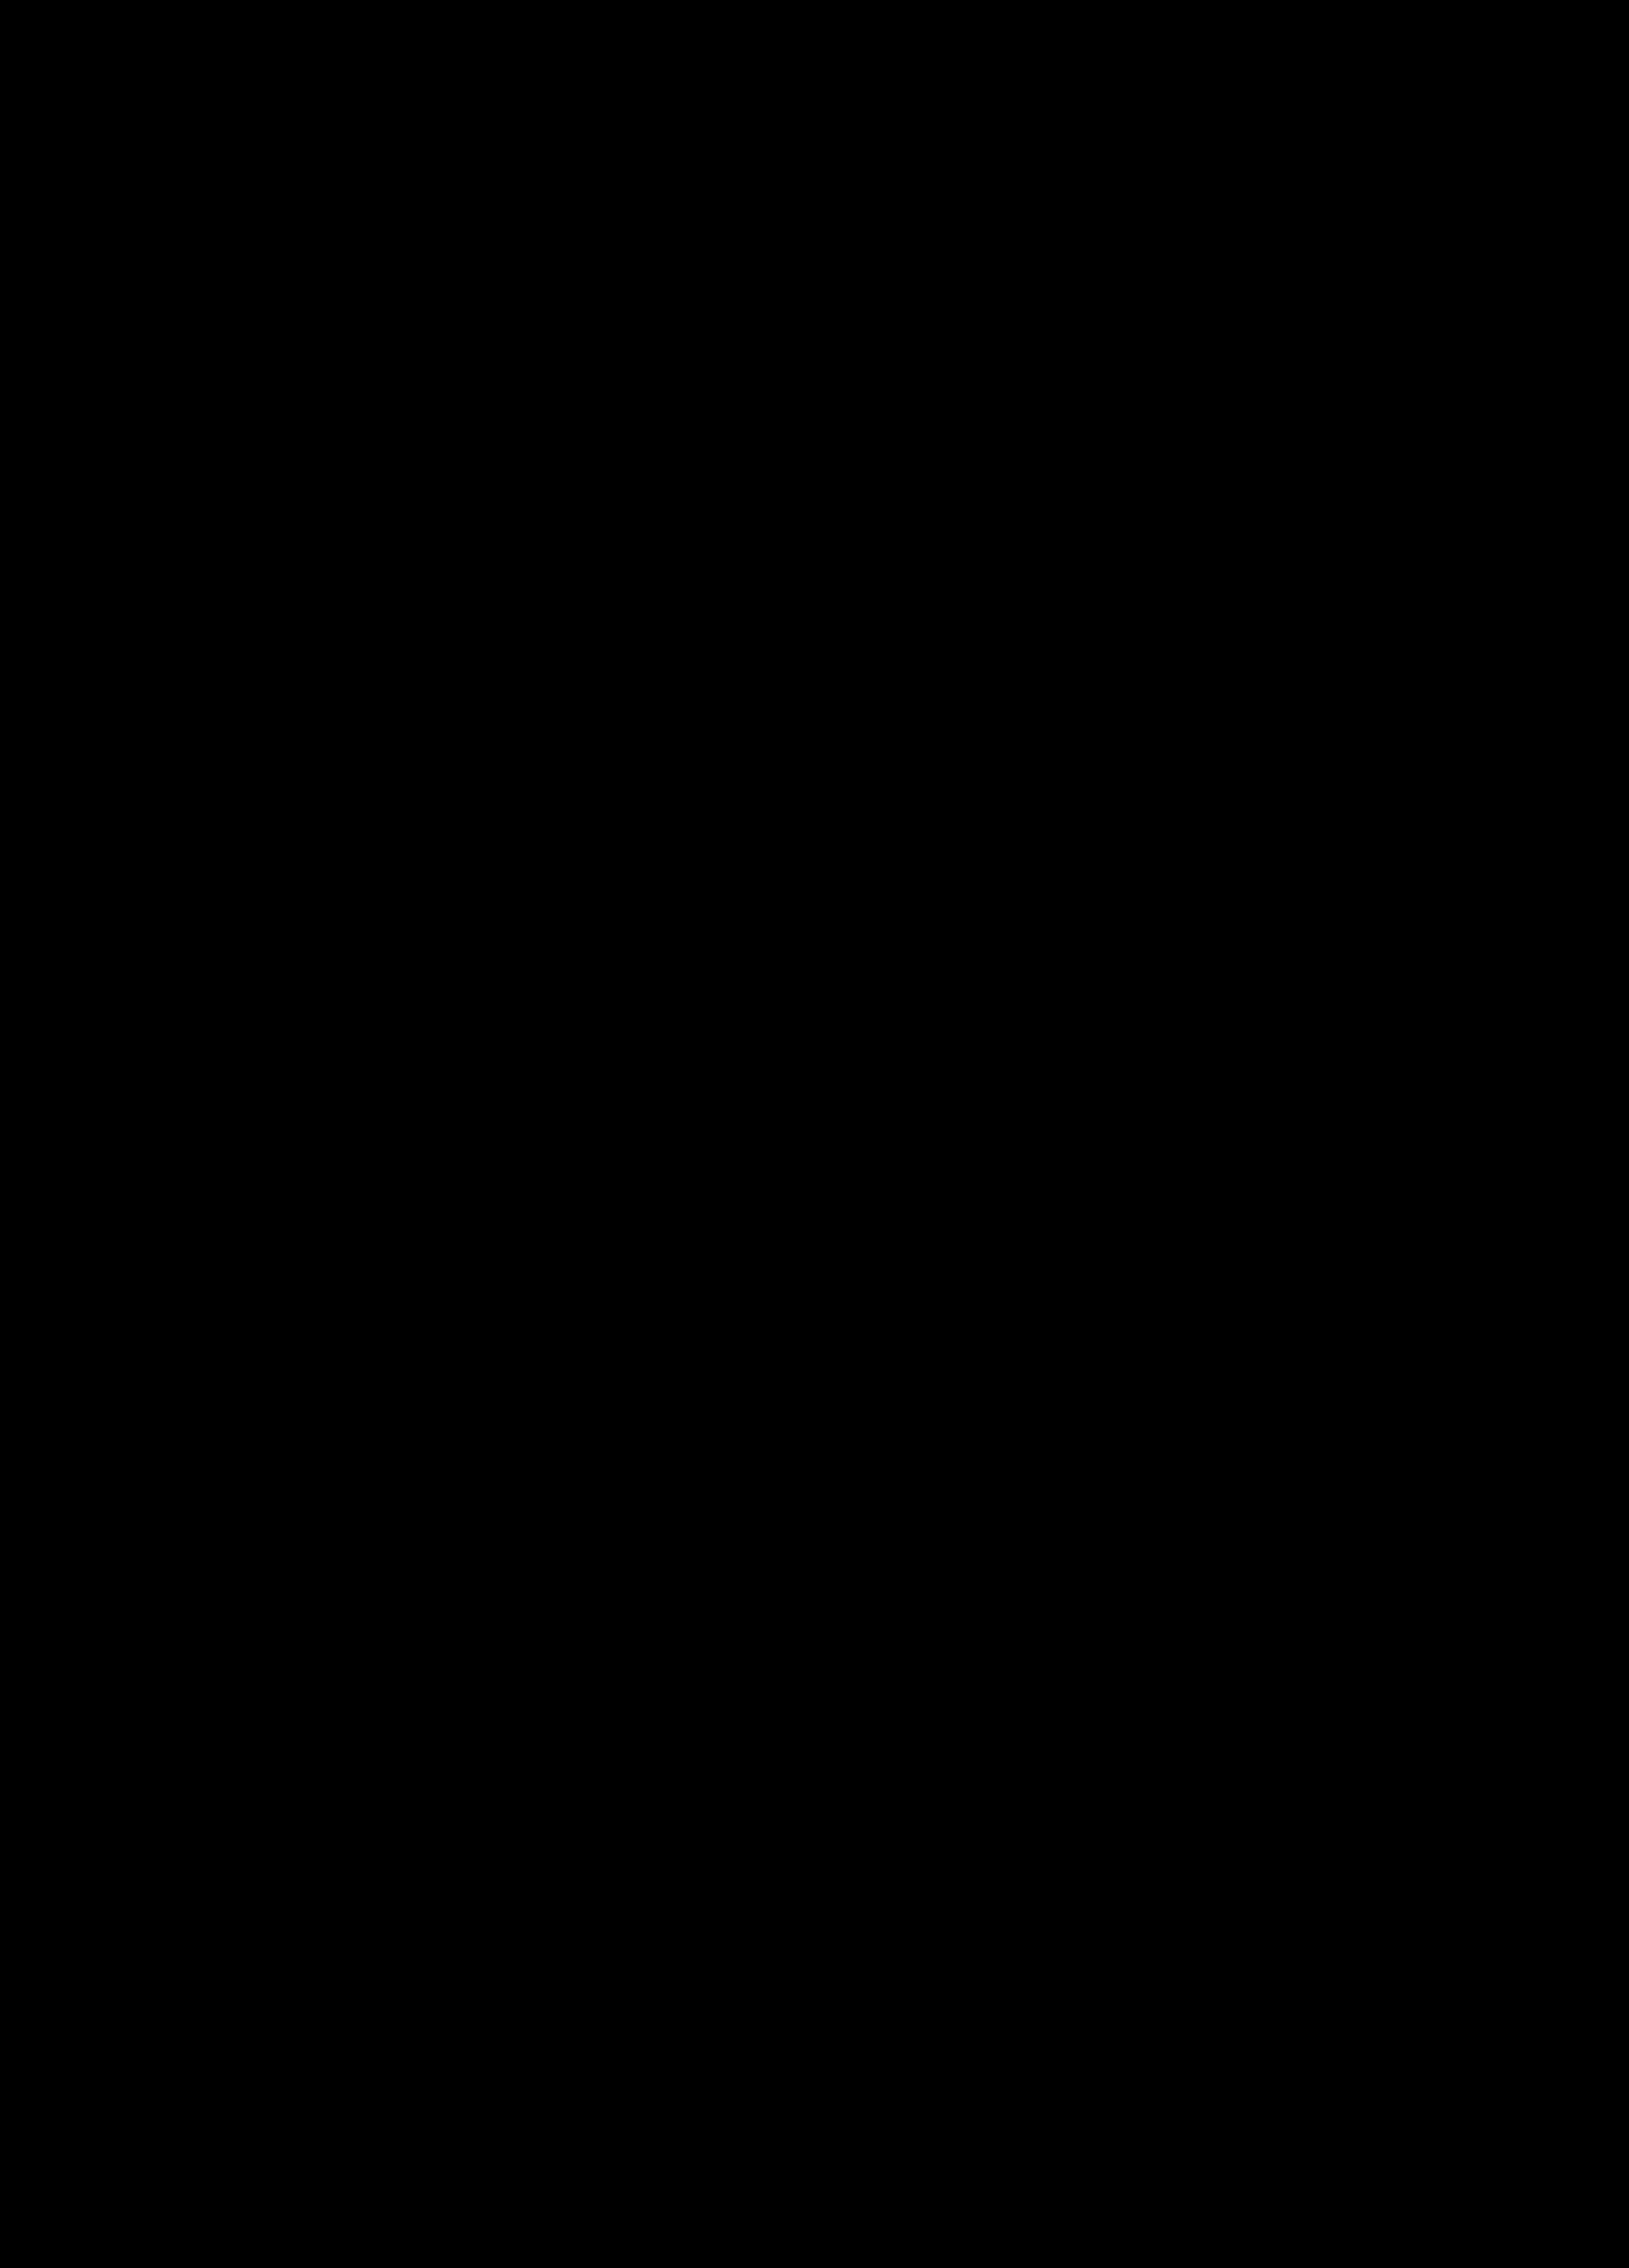 VAMU, Eiendomskart, Svartnes - Smelror, 1963-1969